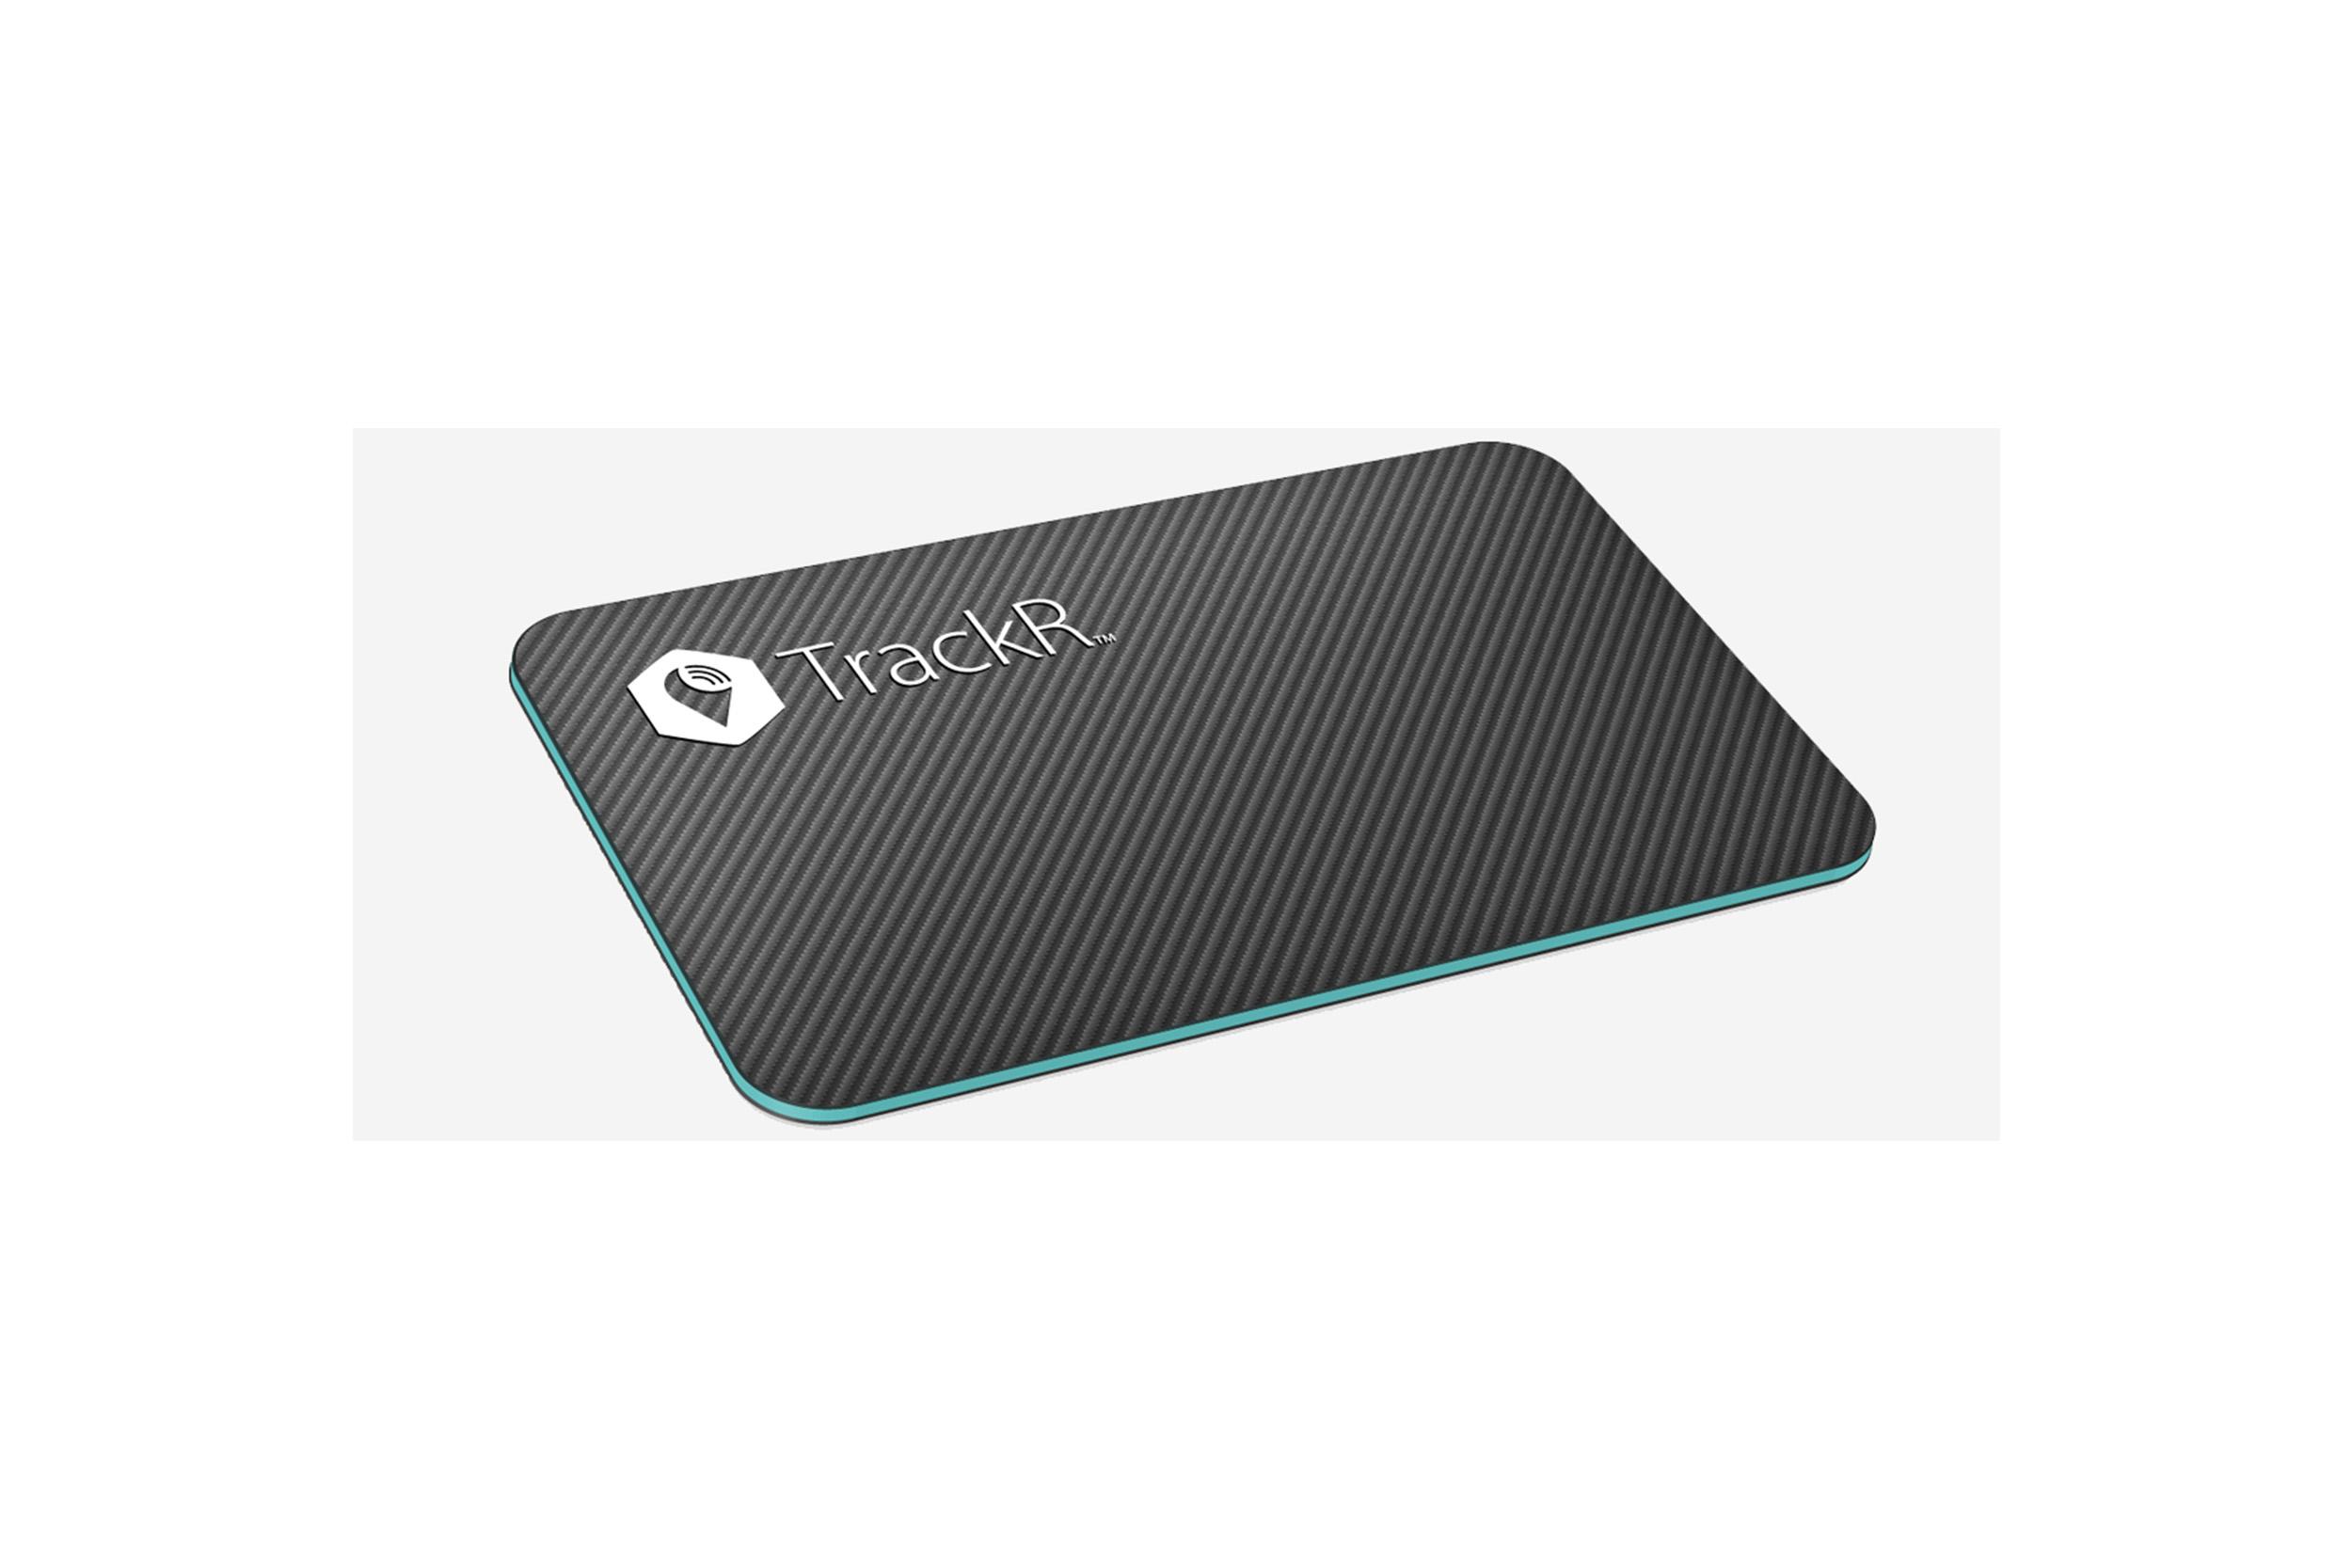 trackr wallet 2.0